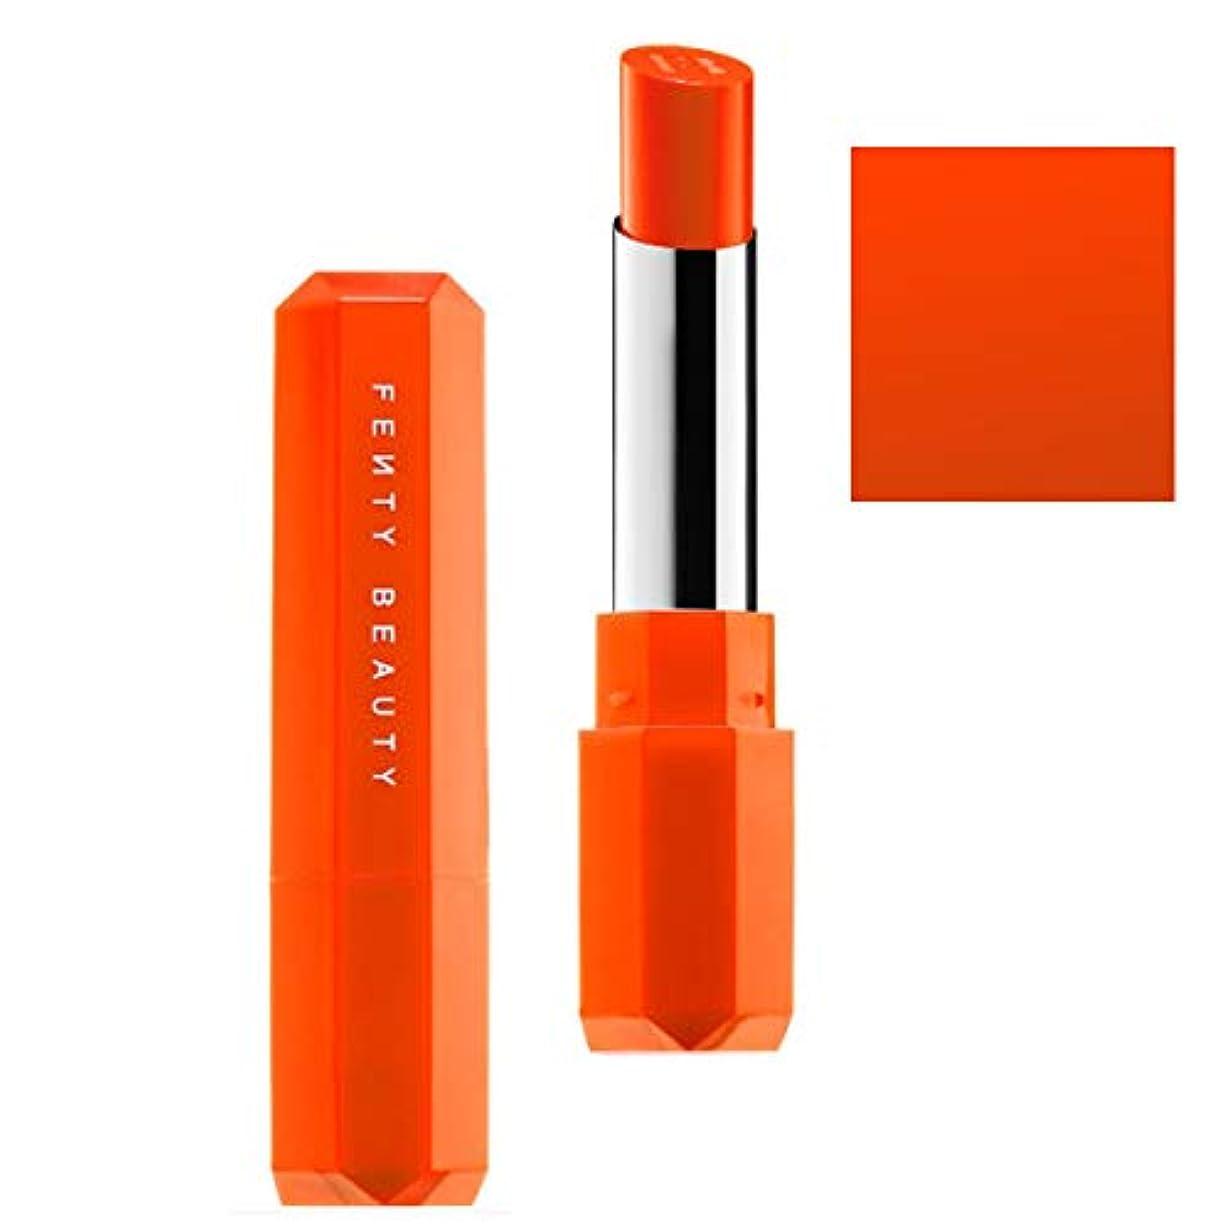 豊富迫害非常に怒っていますFENTY BEAUTY BY RIHANNA,New!!, 限定版 limited-edition, Poutsicle Juicy Satin Lipstick - Sun Snatched [海外直送品] [並行輸入品]